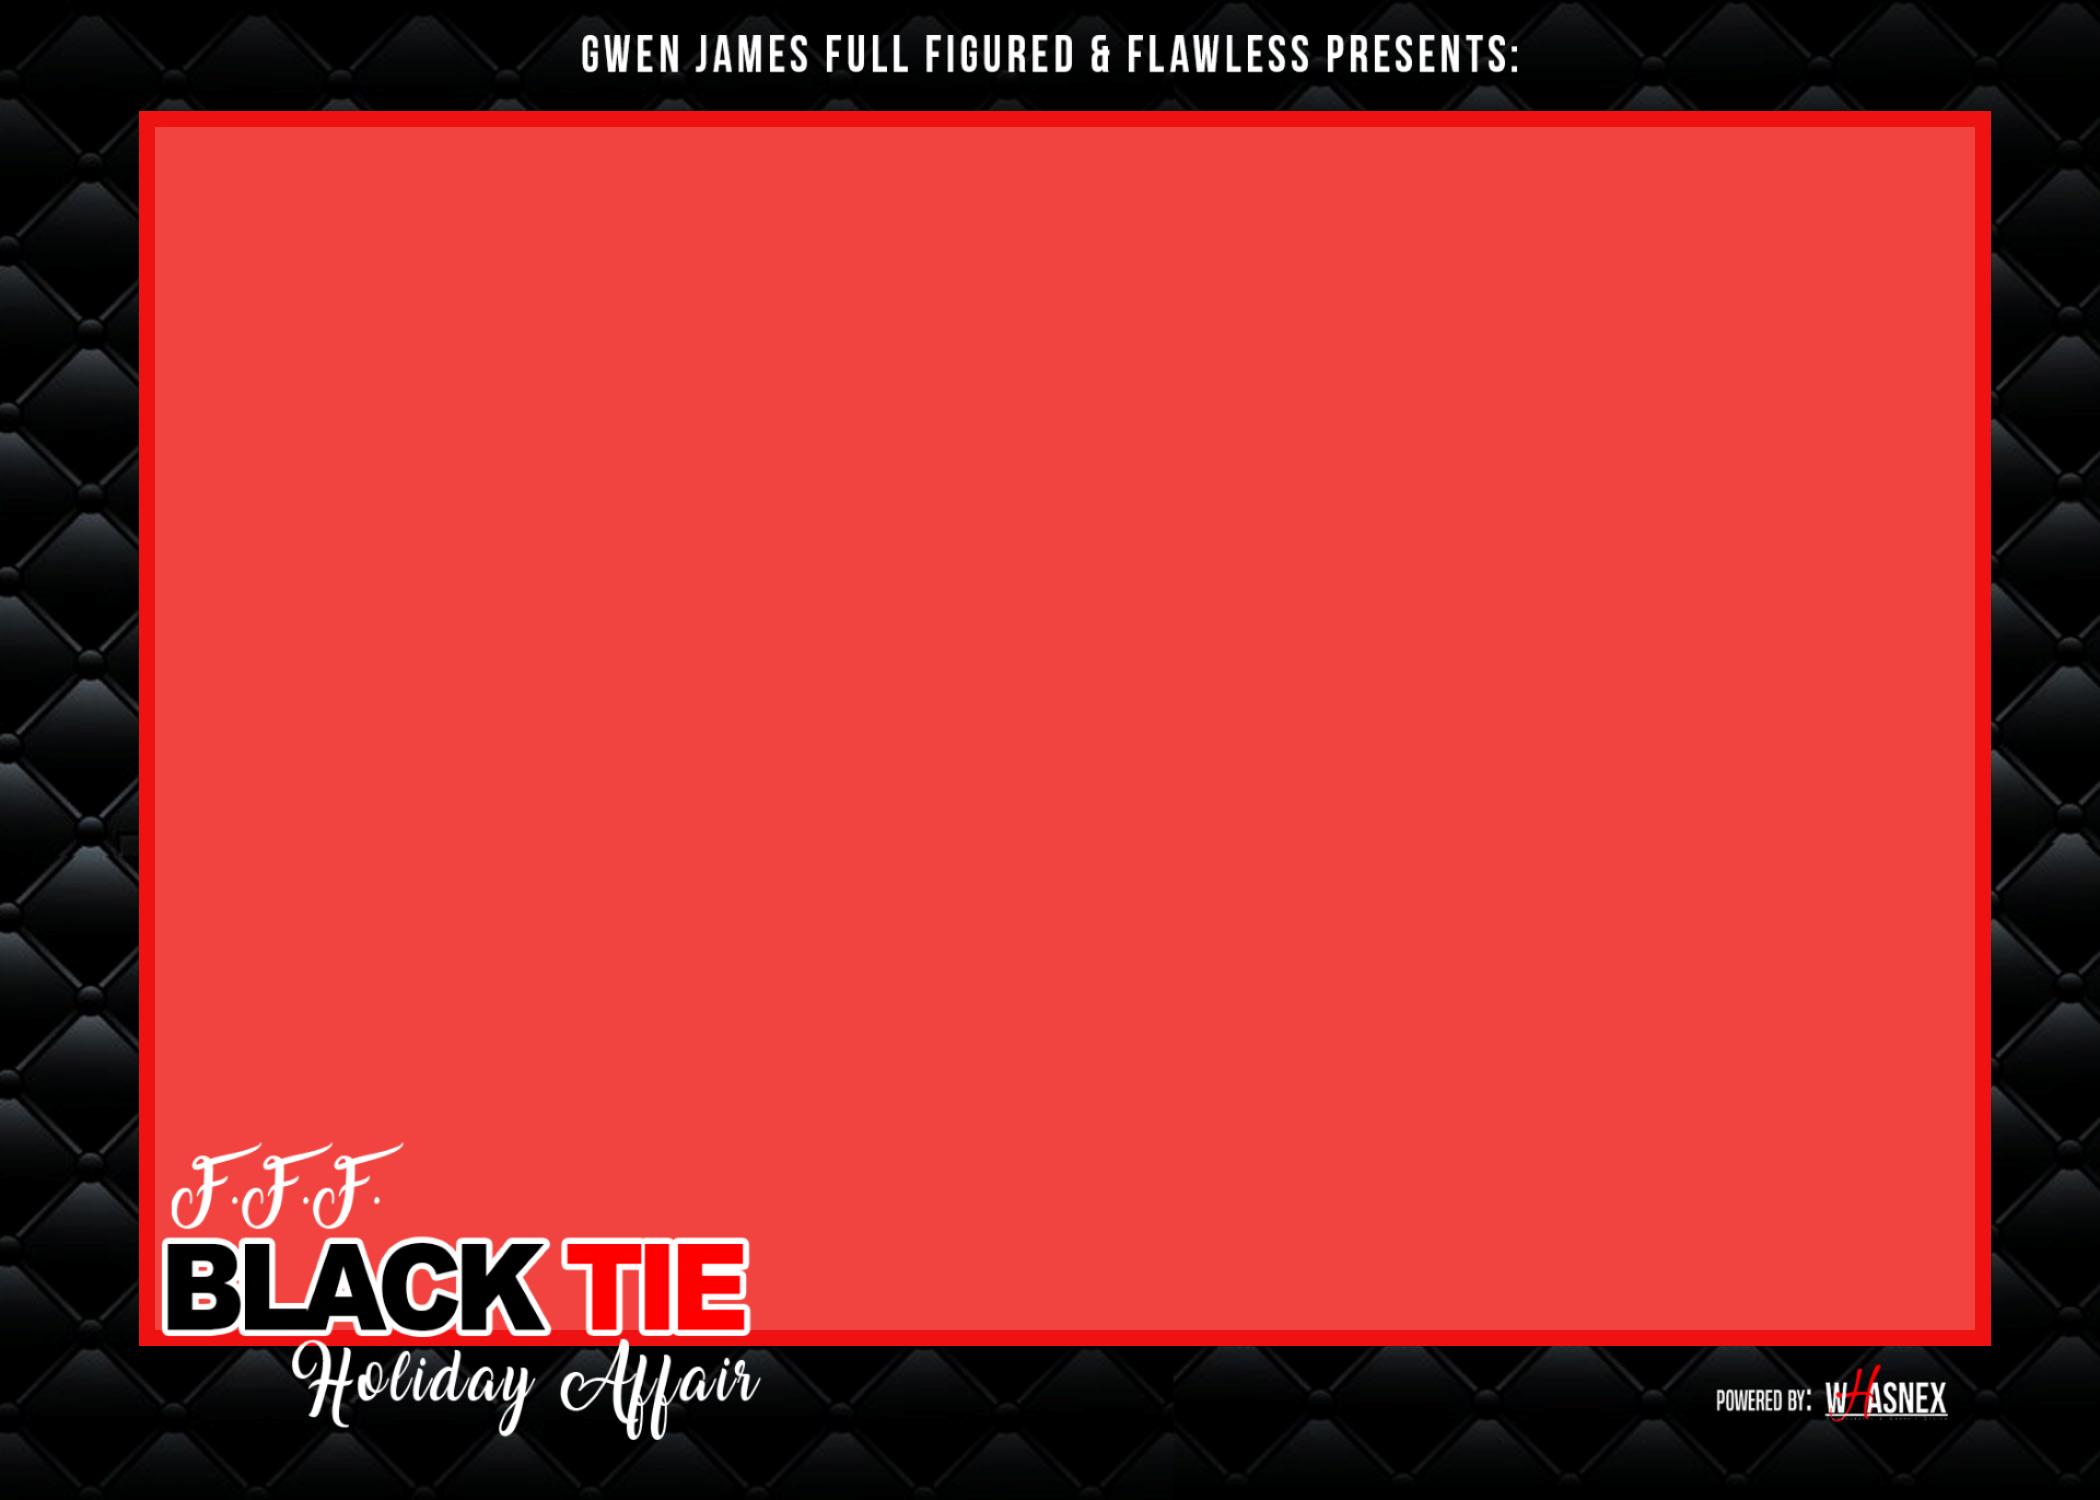 FFF Black Tie 2